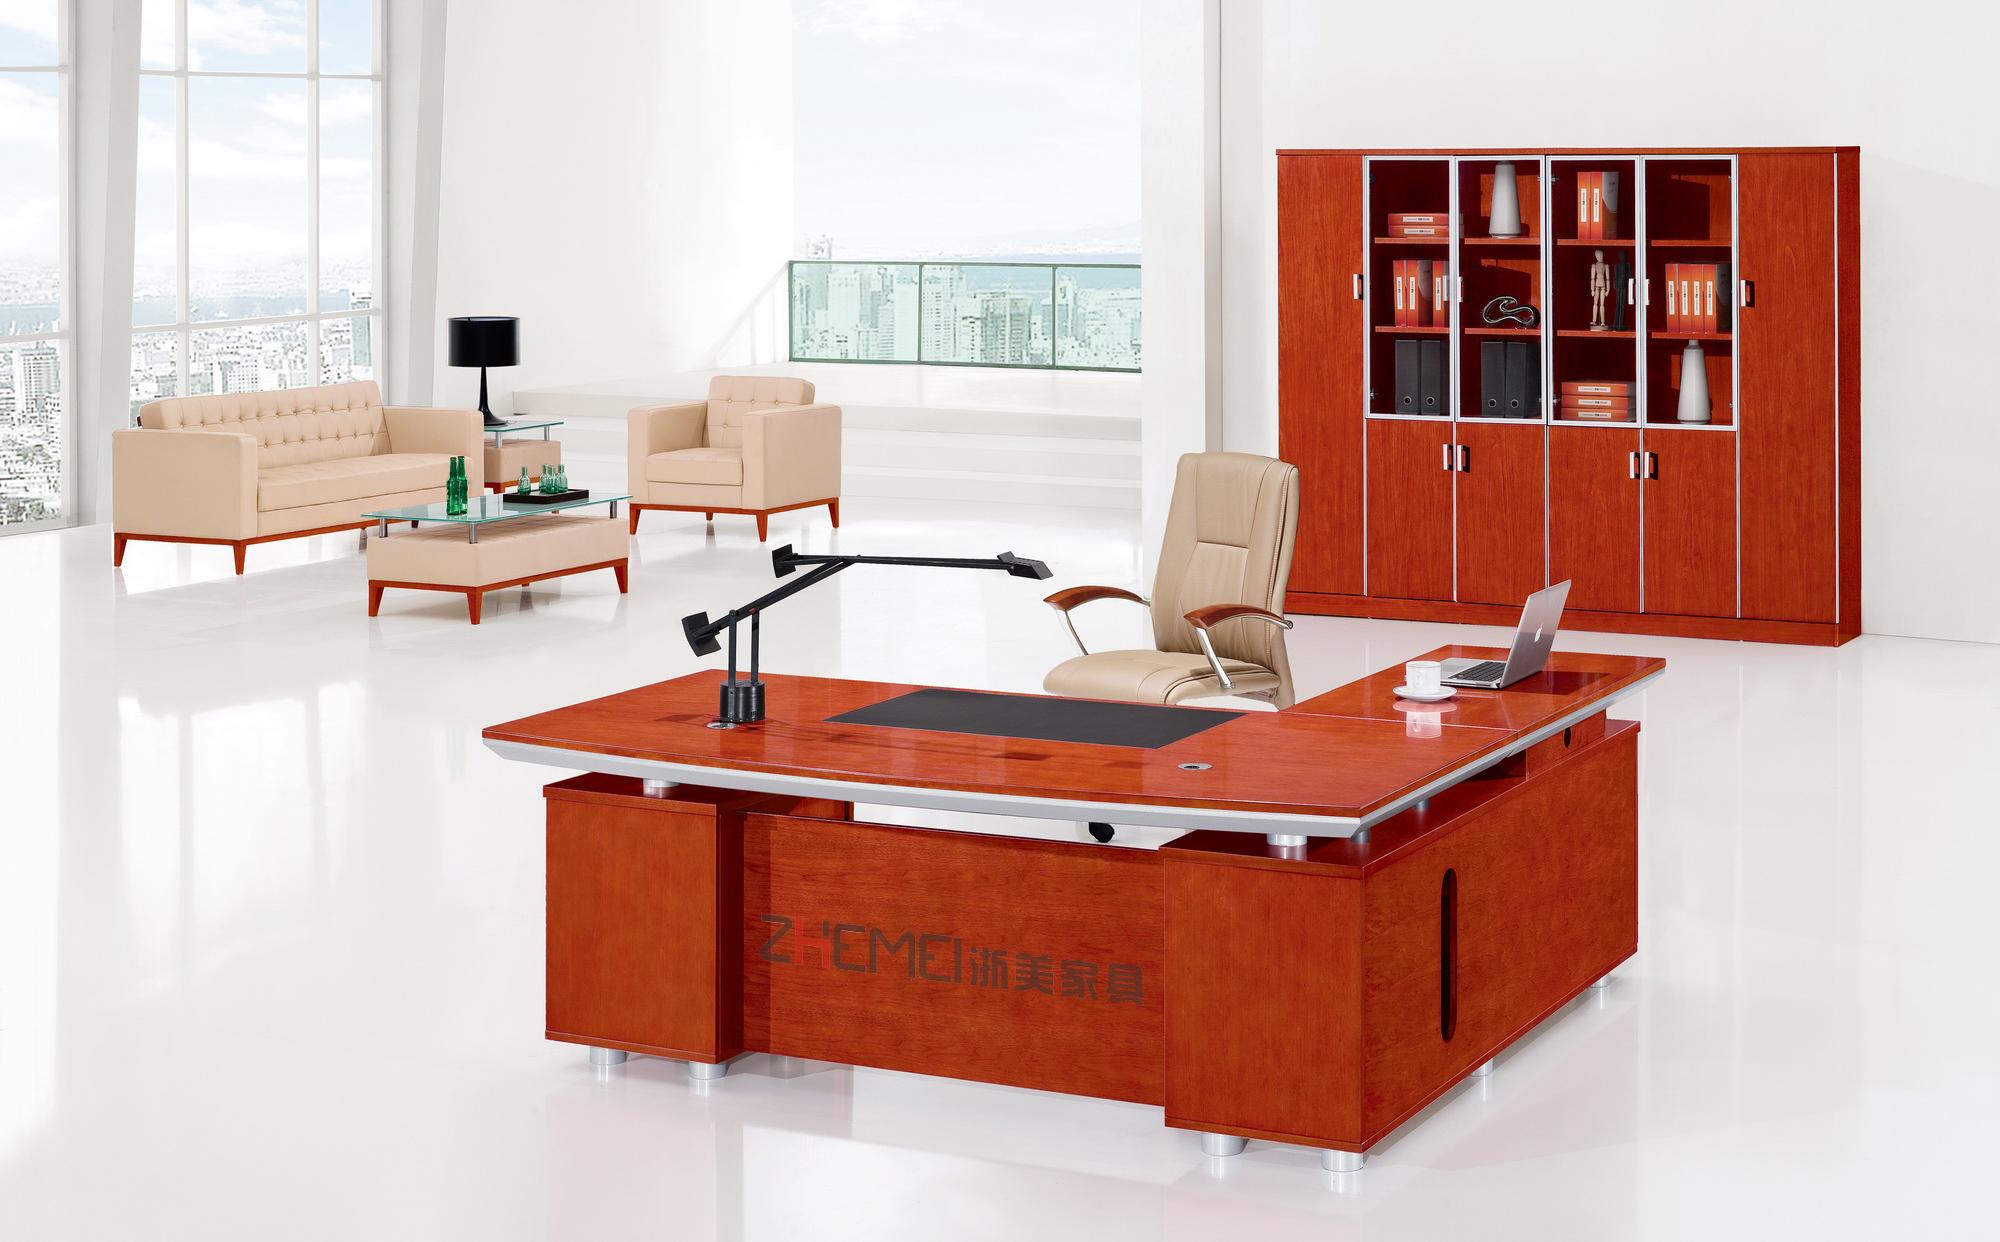 浙美时尚大气樱桃木办公室办公桌电脑桌